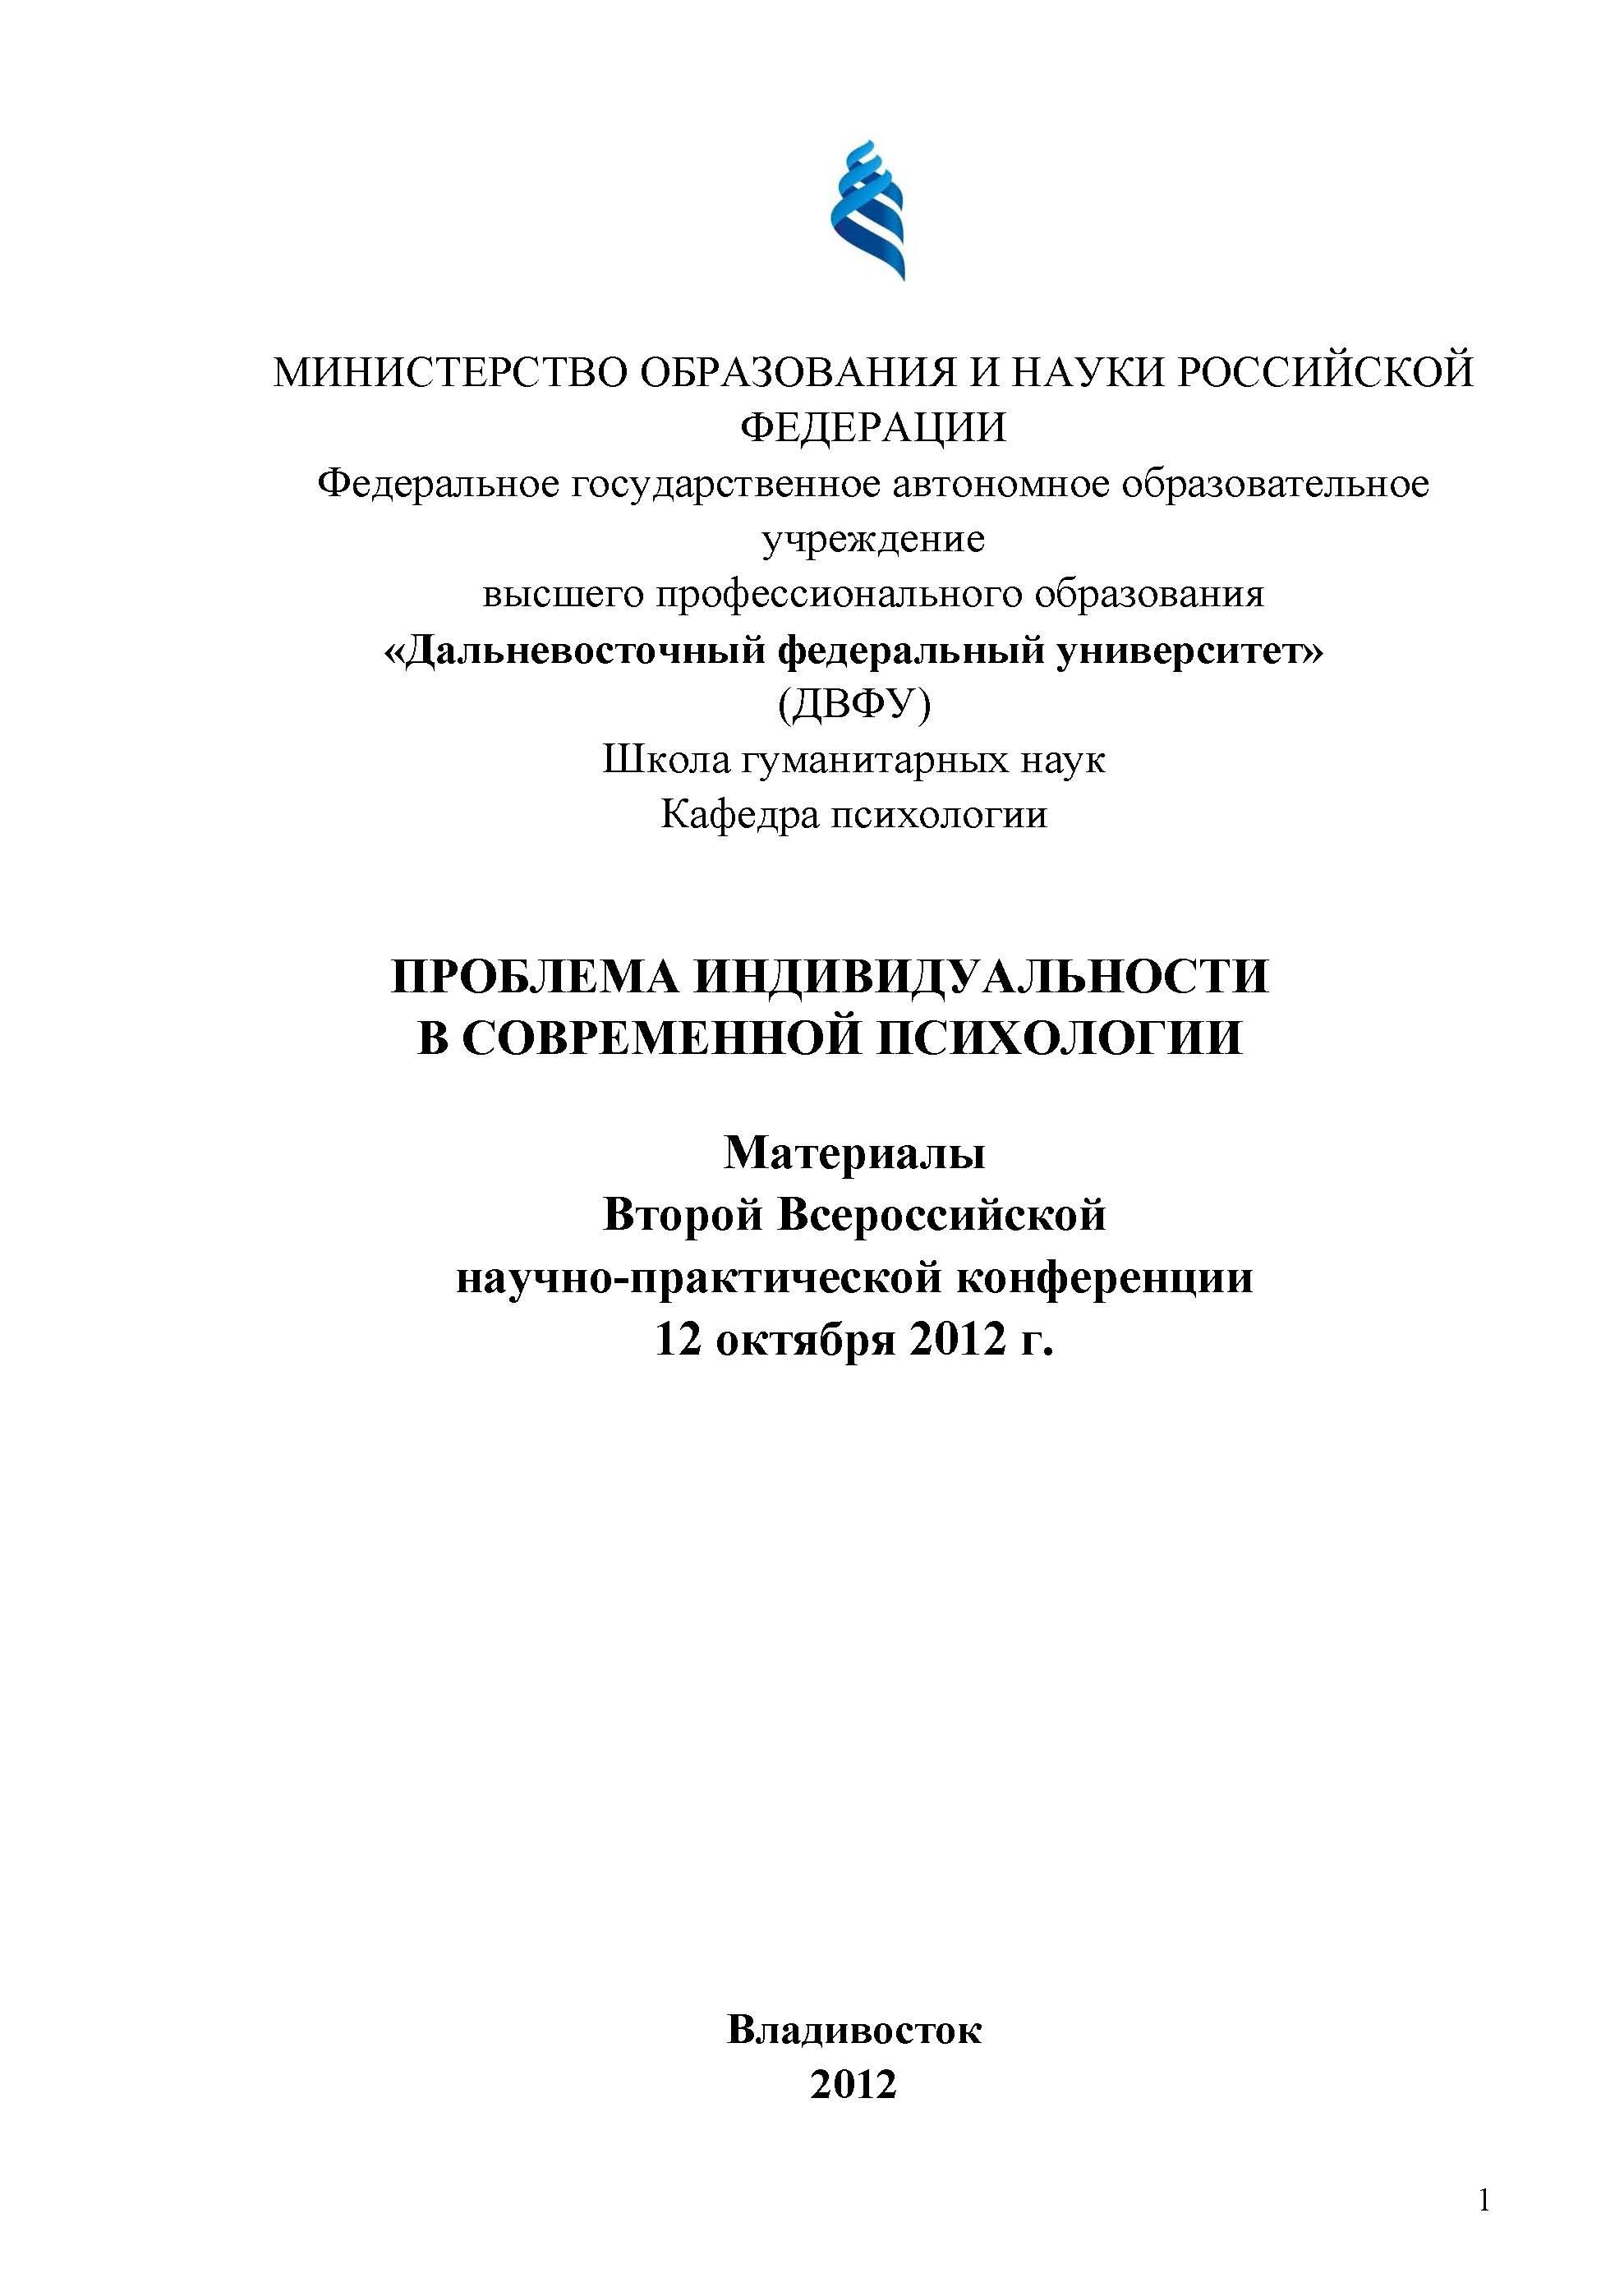 Кросс-культурные и гендерные различия показателей психологического благополучия на примере российских и канадских студентов